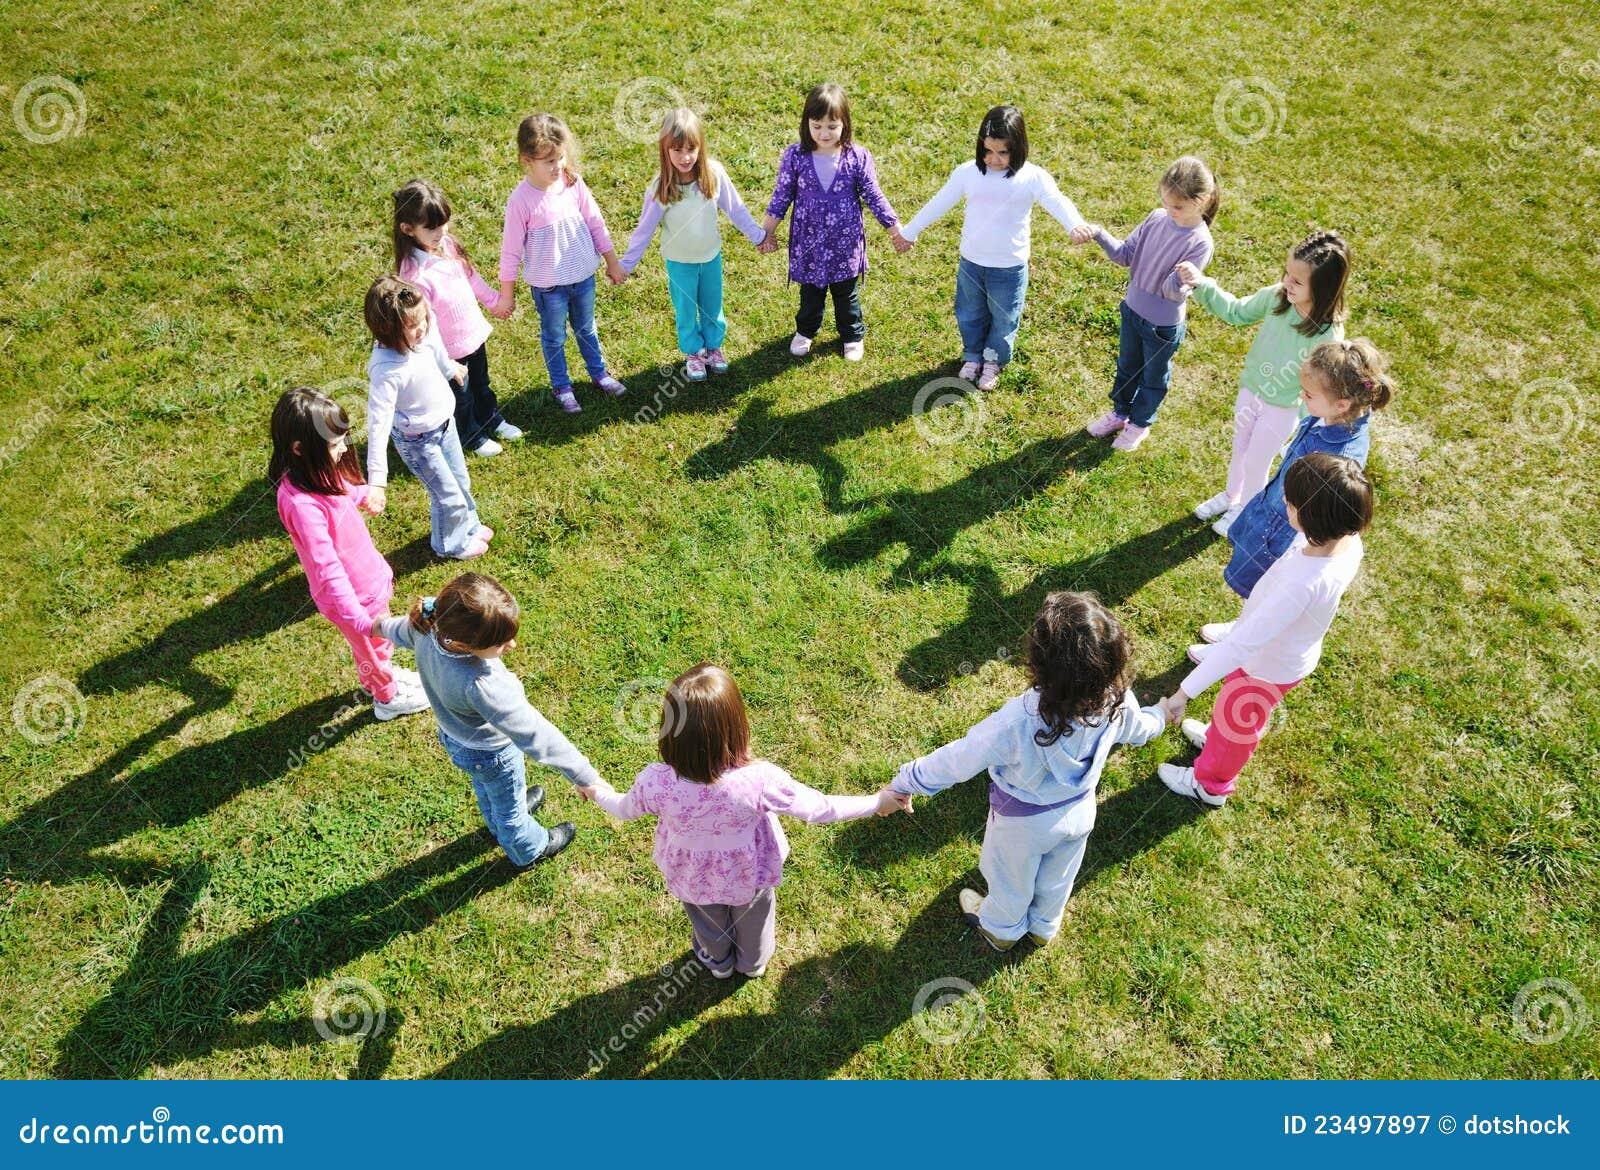 Im Freiendie vorschulkinder haben Spaß